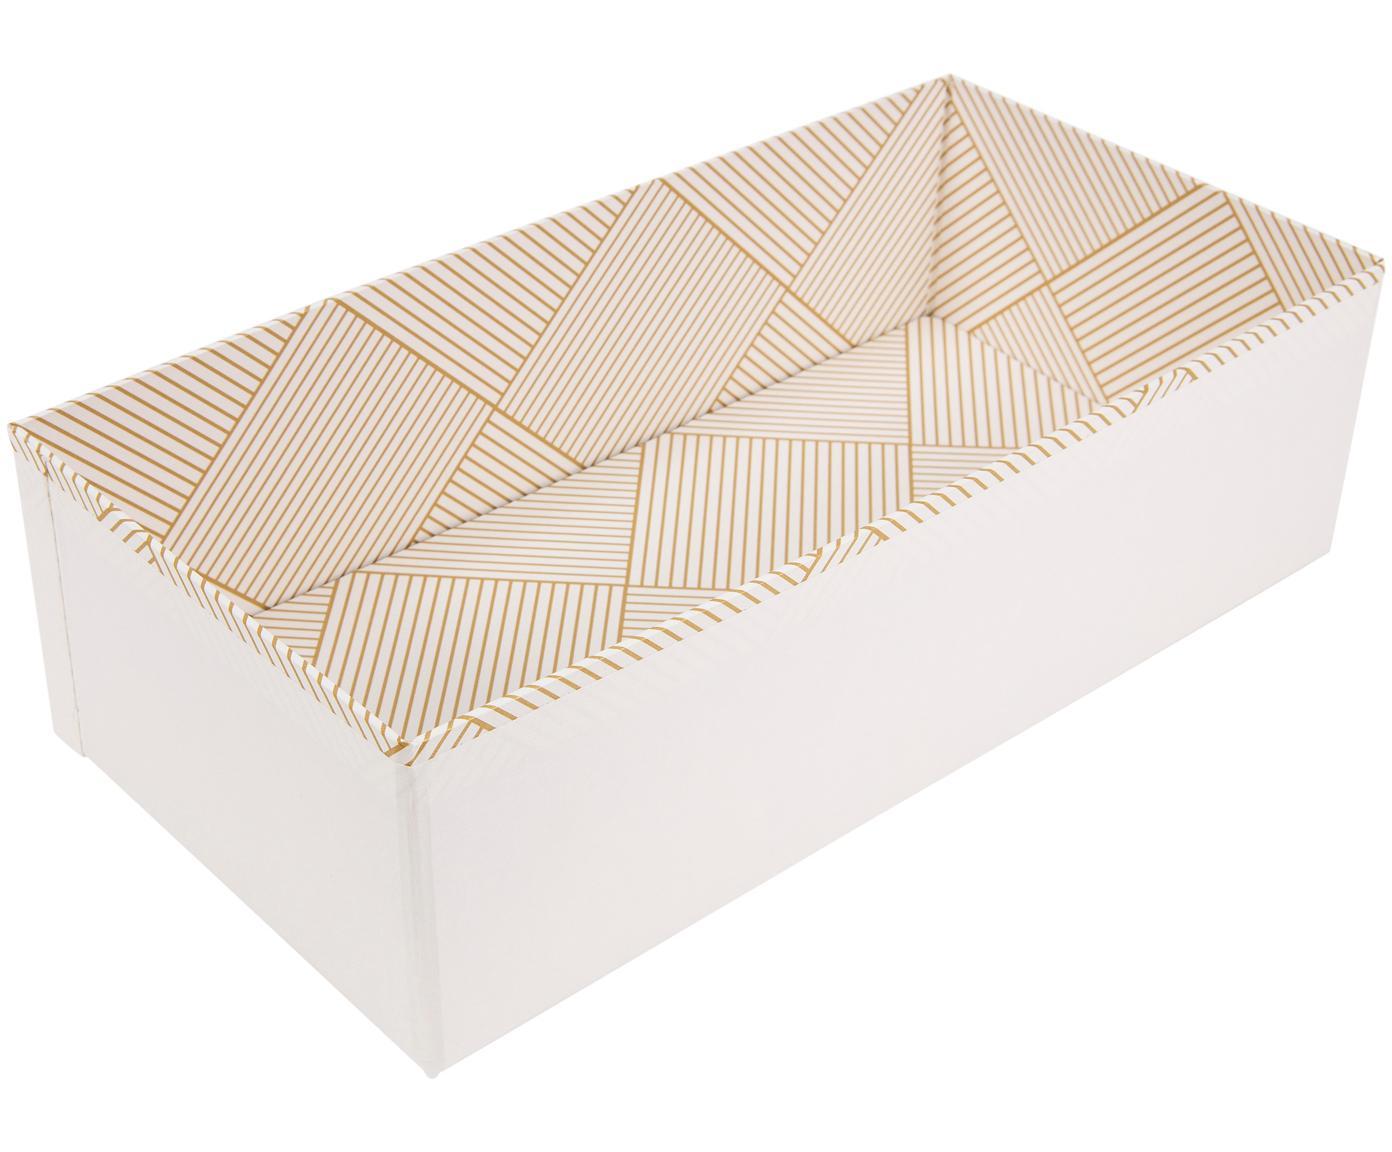 Pudełko do przechowywania Drawer, Solidna tektura laminowana, Odcienie złotego, biały, S 36 x W 10 cm